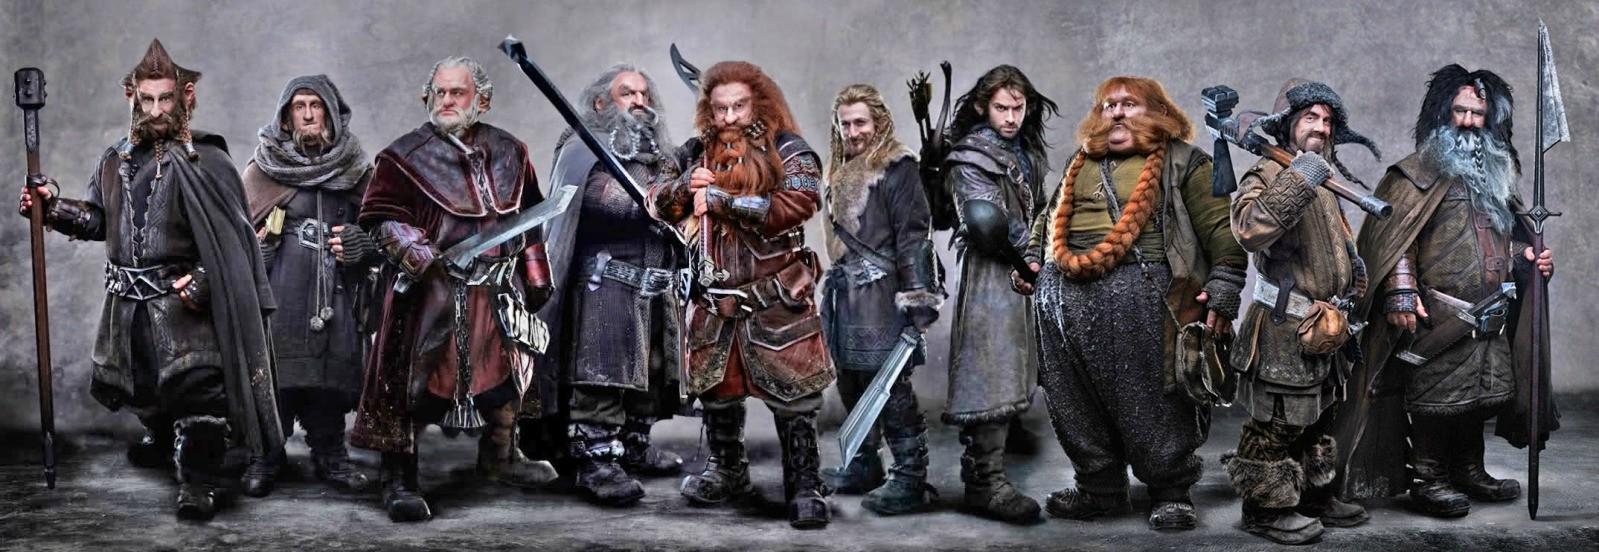 Hobbit Zwerge